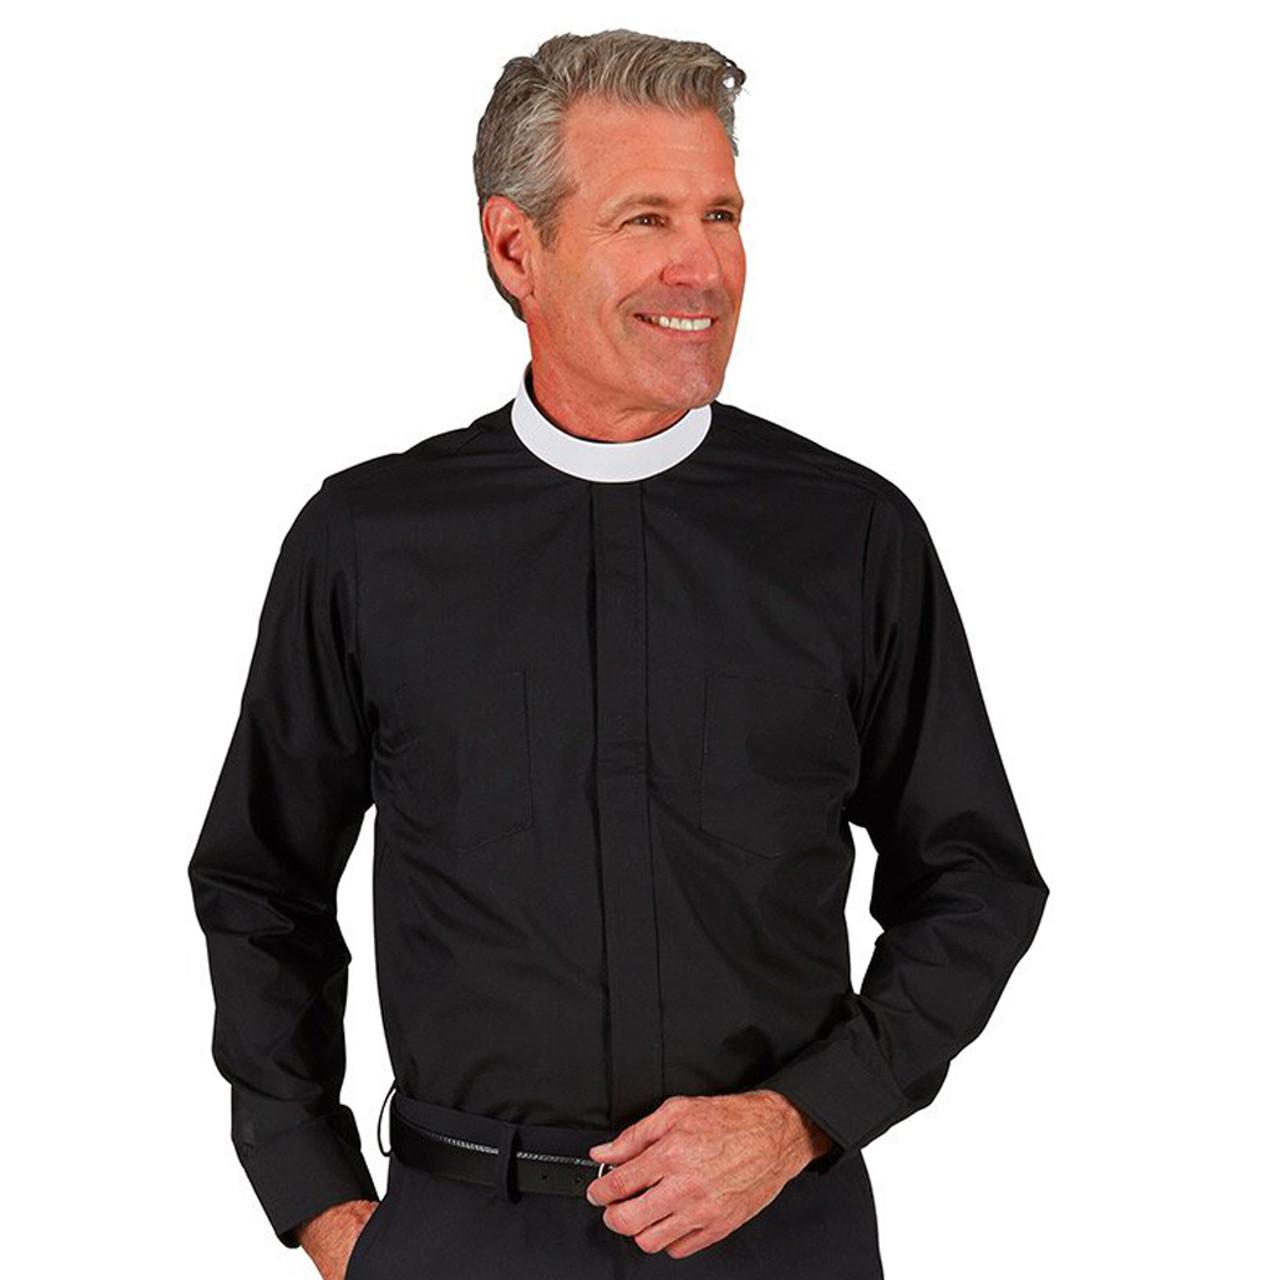 RJ Toomey Long Sleeve Neckband Shirt